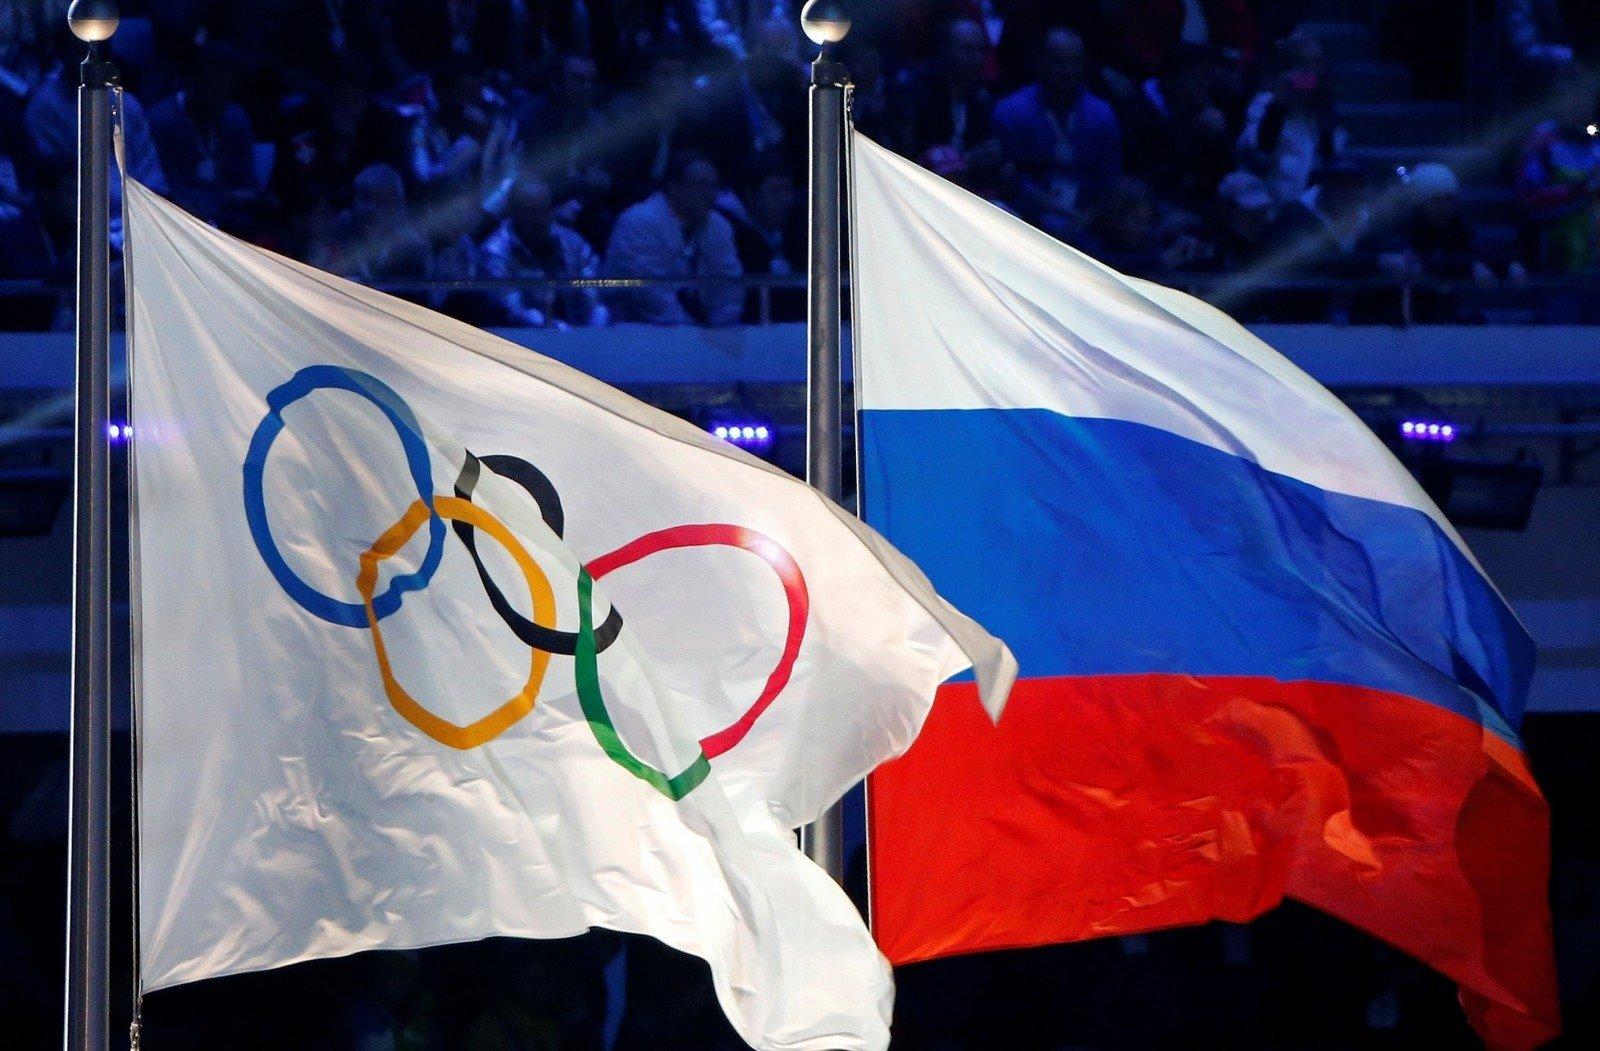 ВОлимпийской деревне вРио посрывали флаги Российской Федерации